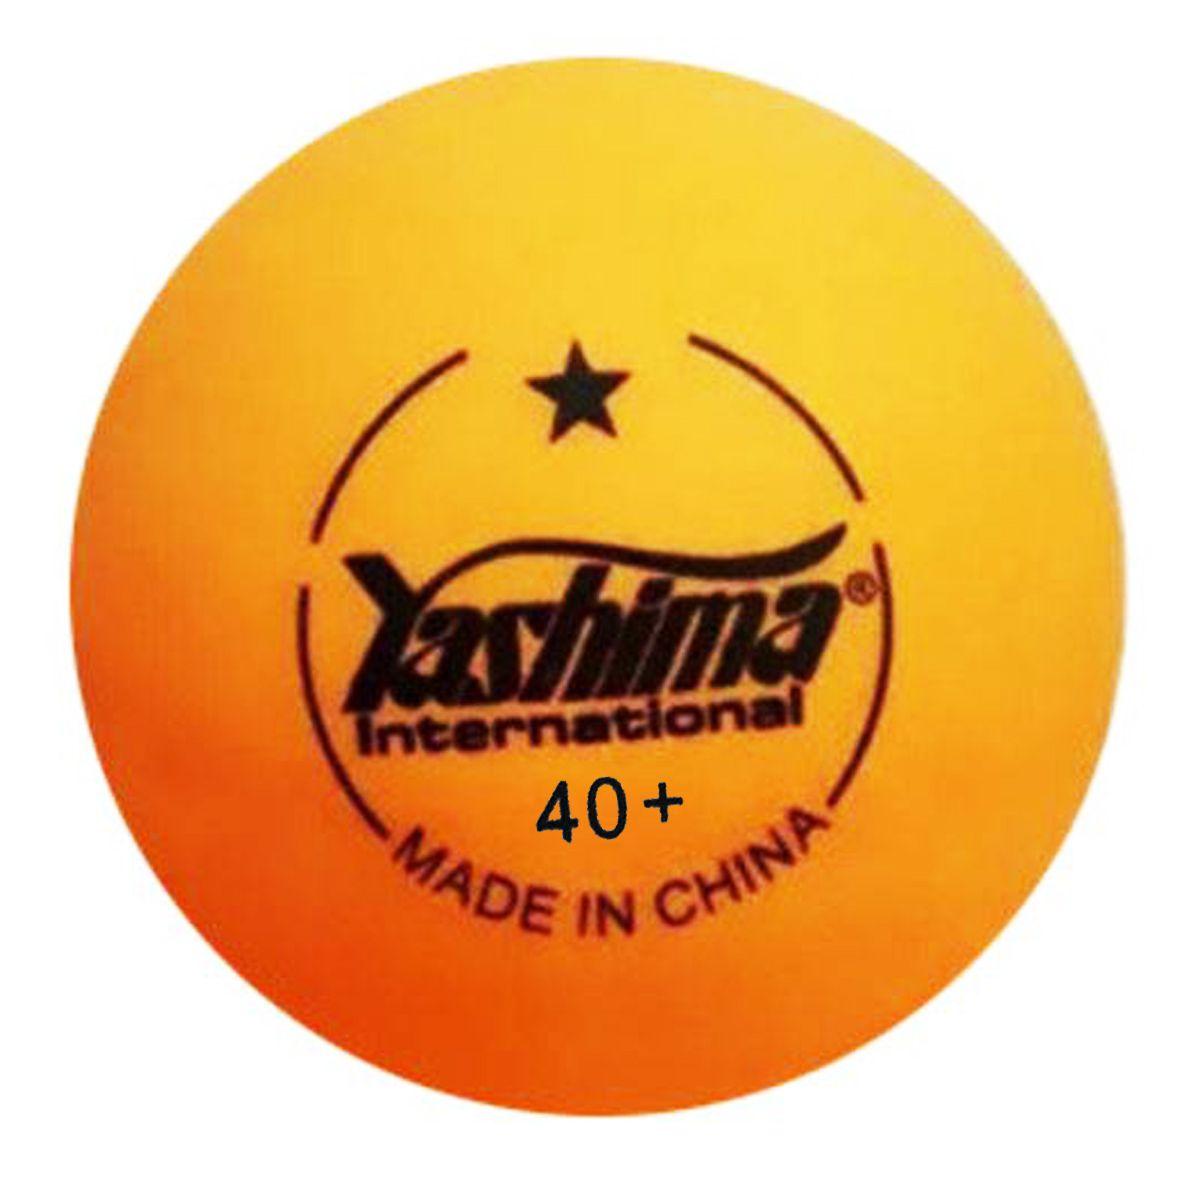 Cartela c/6 Bolas de Tênis de Mesa Yashima 40 mm - 1 Estrela